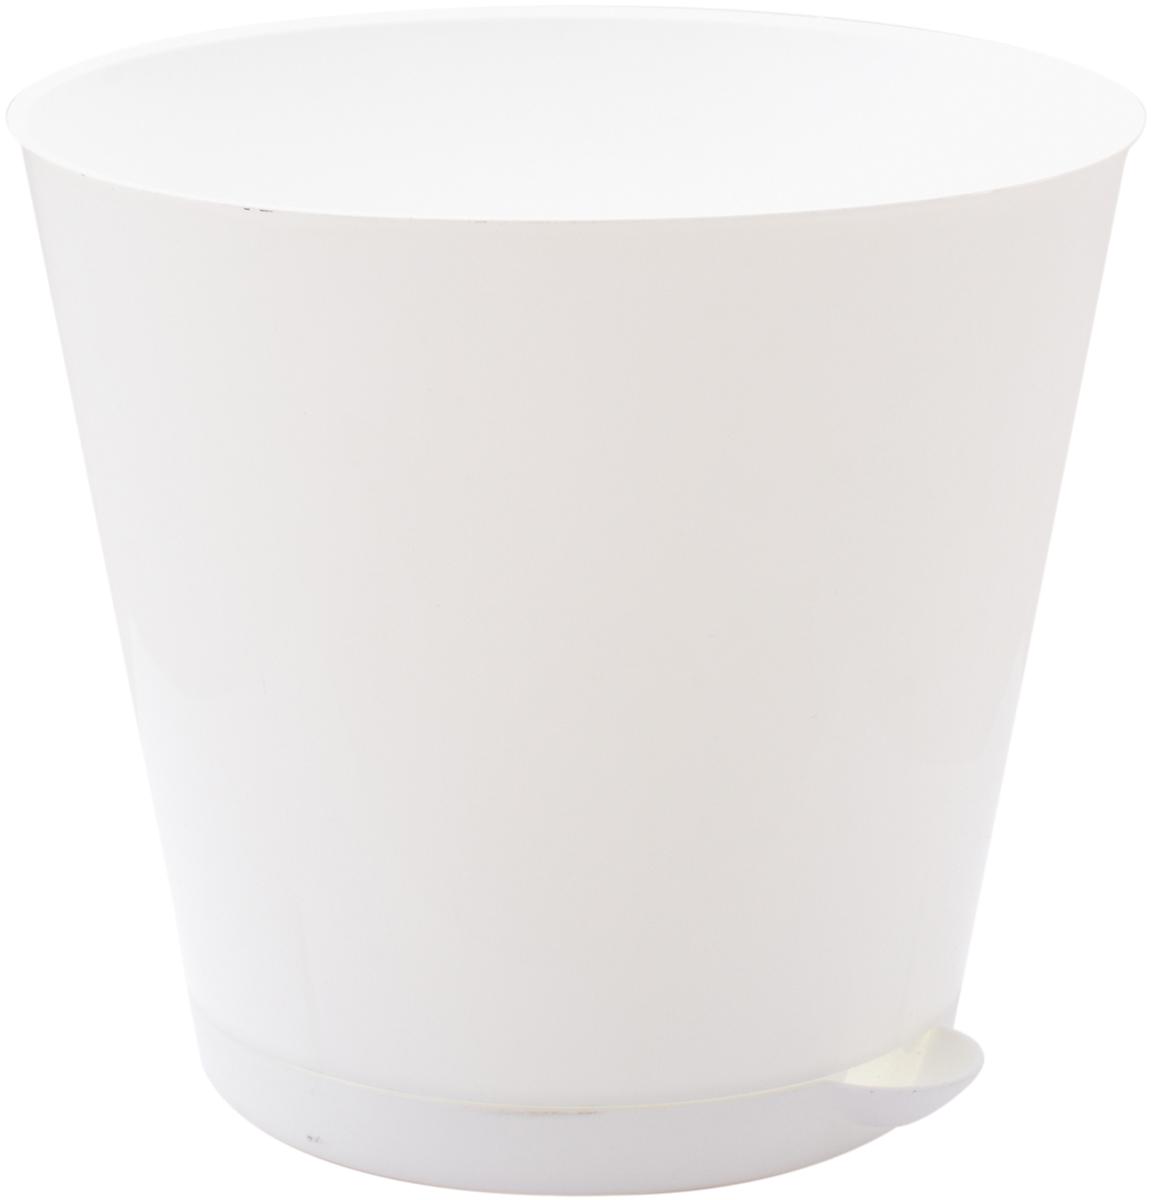 """Горшок для цветов InGreen """"Крит"""", с системой прикорневого полива, цвет: белый, диаметр 16 см ING46016БЛ-16РS"""